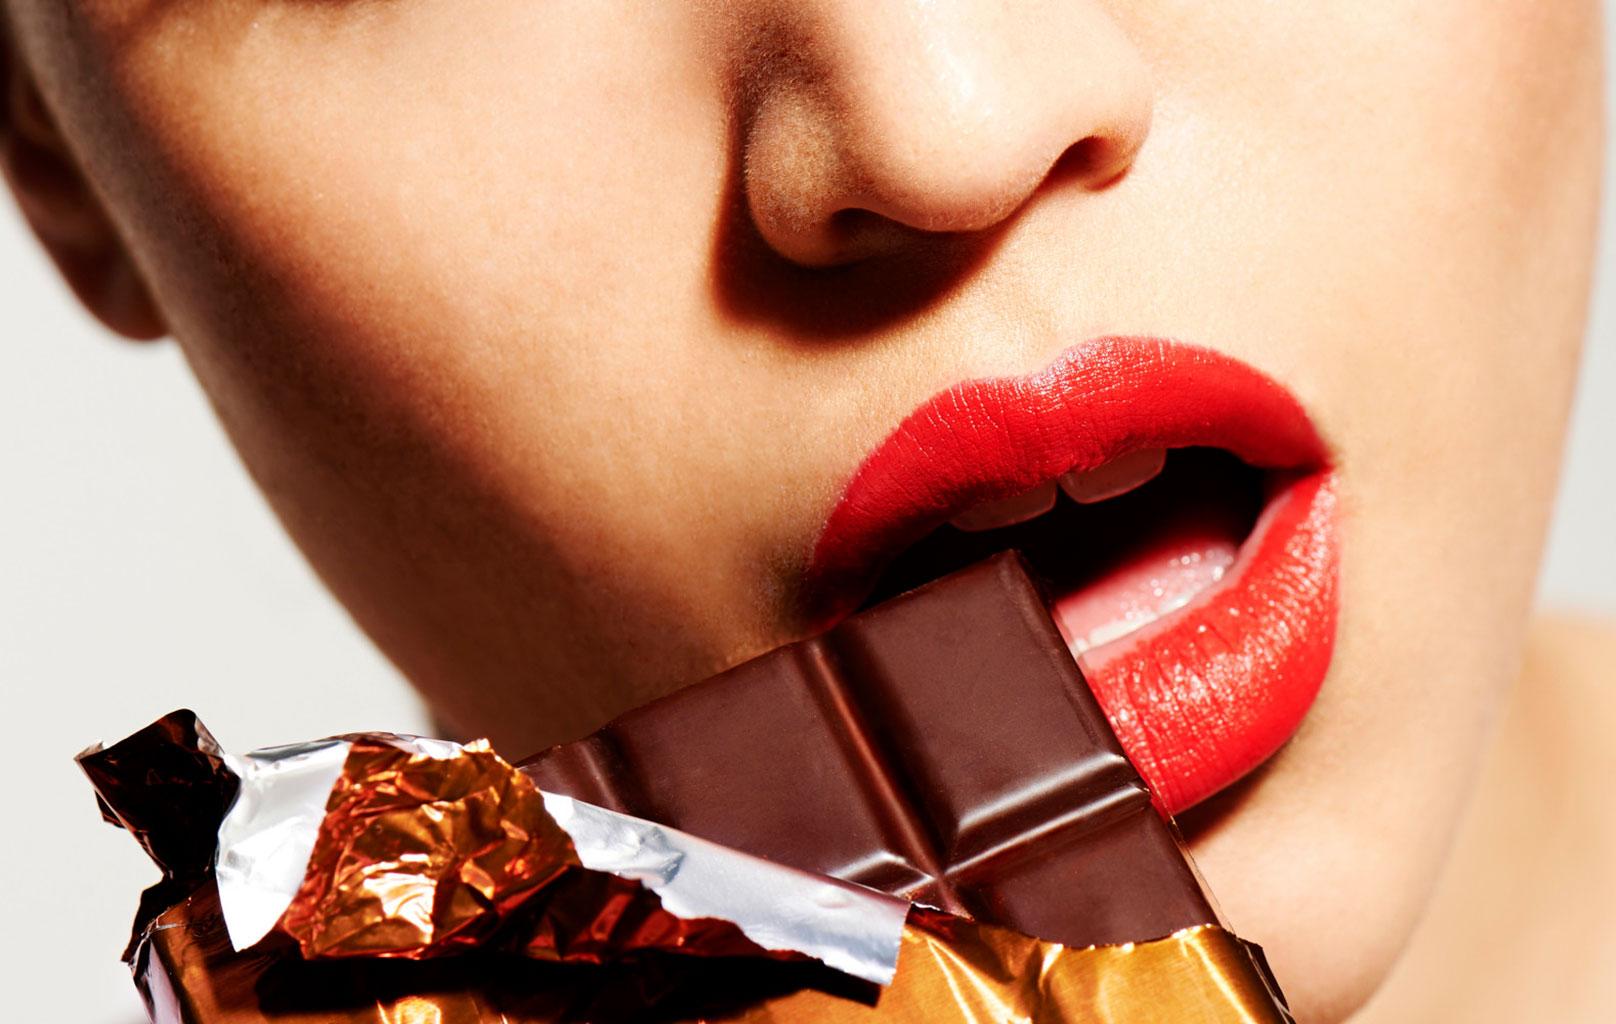 Употребление темного шоколада